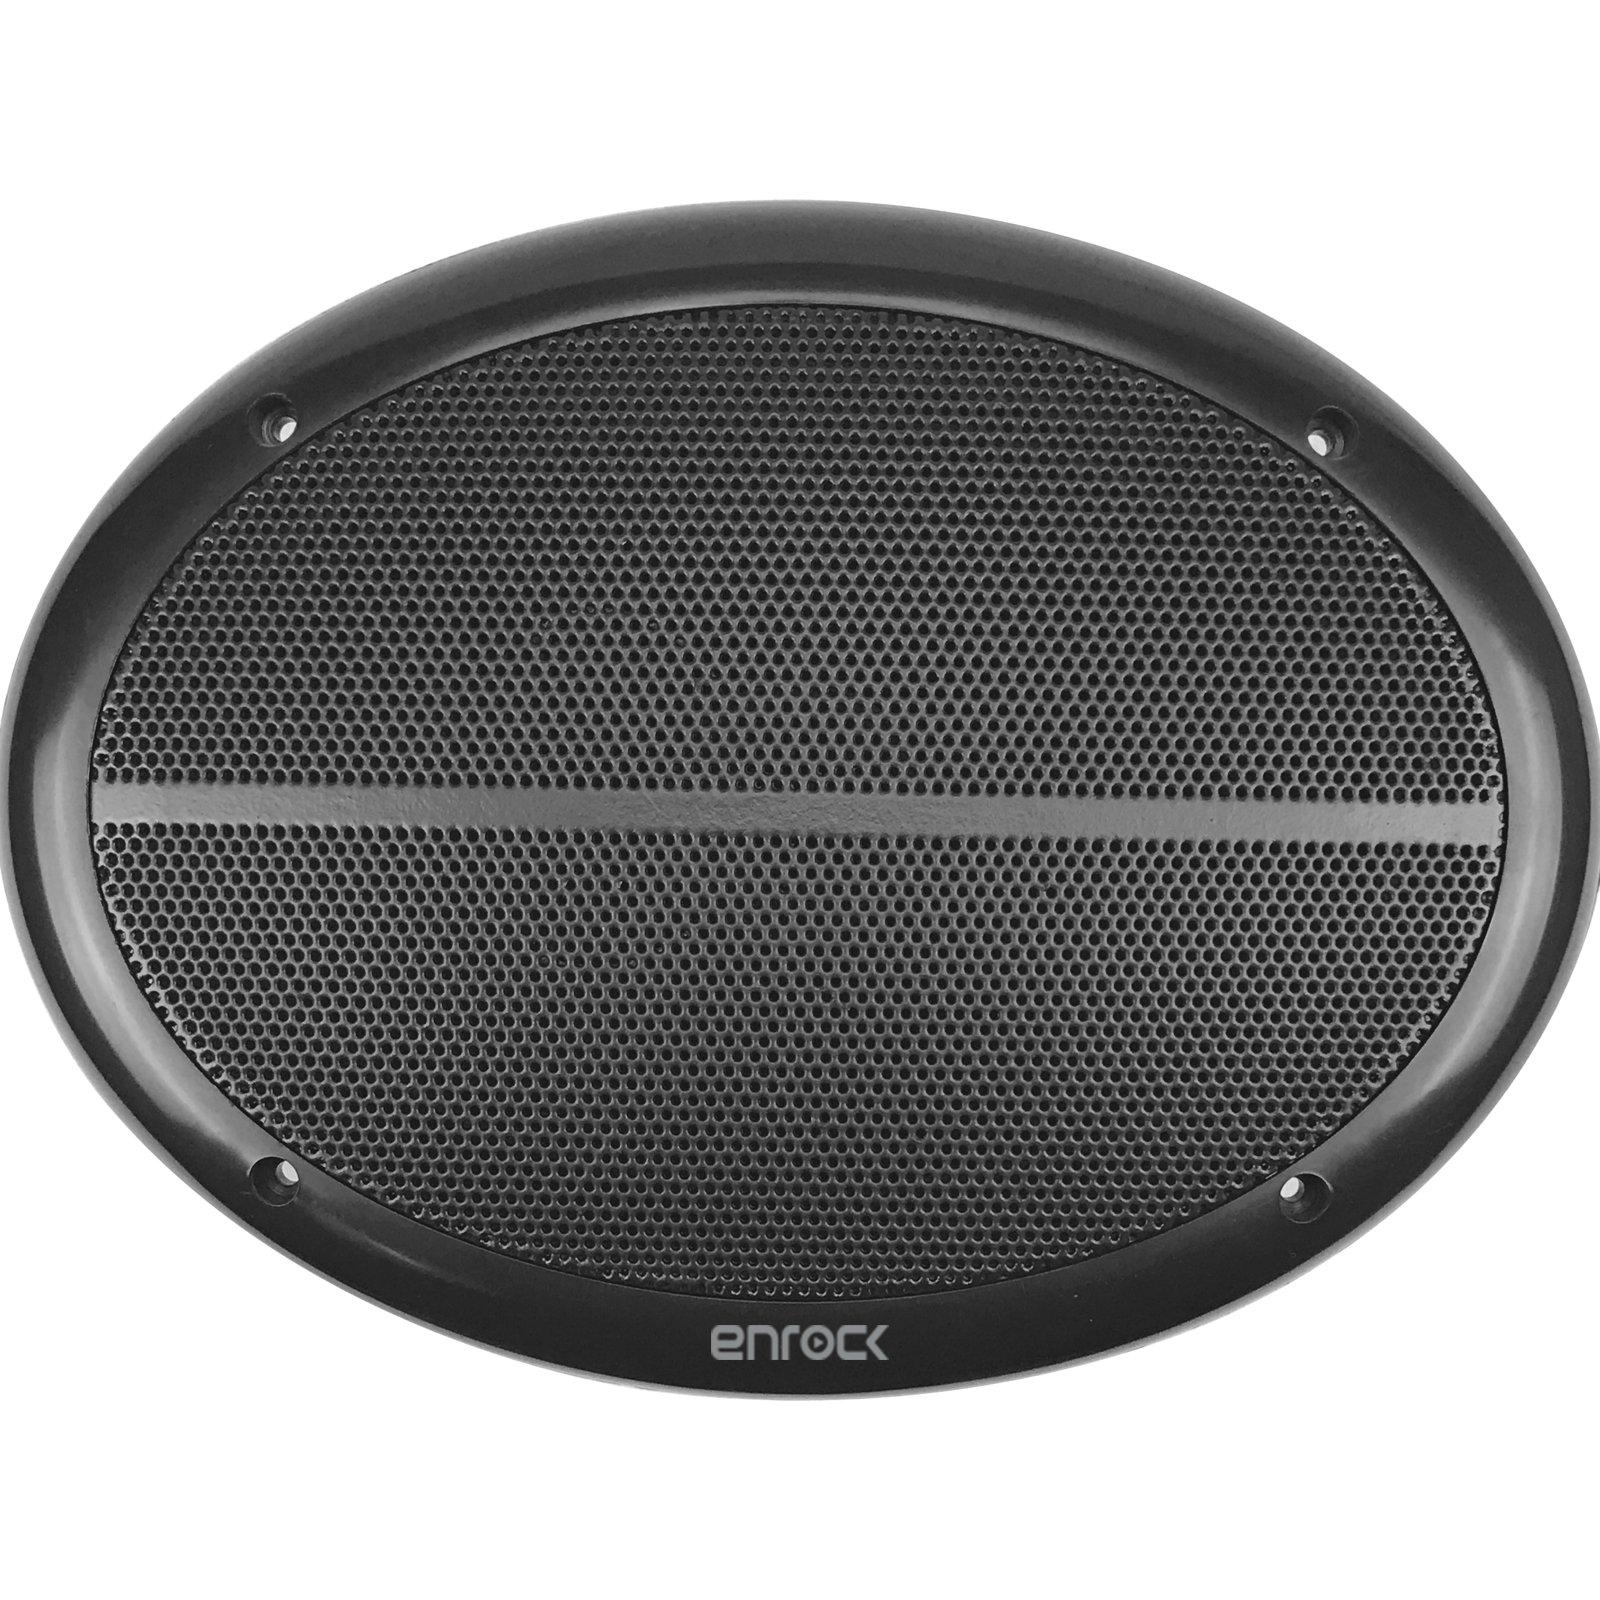 Enrock Marine EM692B Black Dual 6X9 Inch Weather Resistant Full Range Speakers 250 Watts Peak (Pair) by EnrockMarine (Image #4)